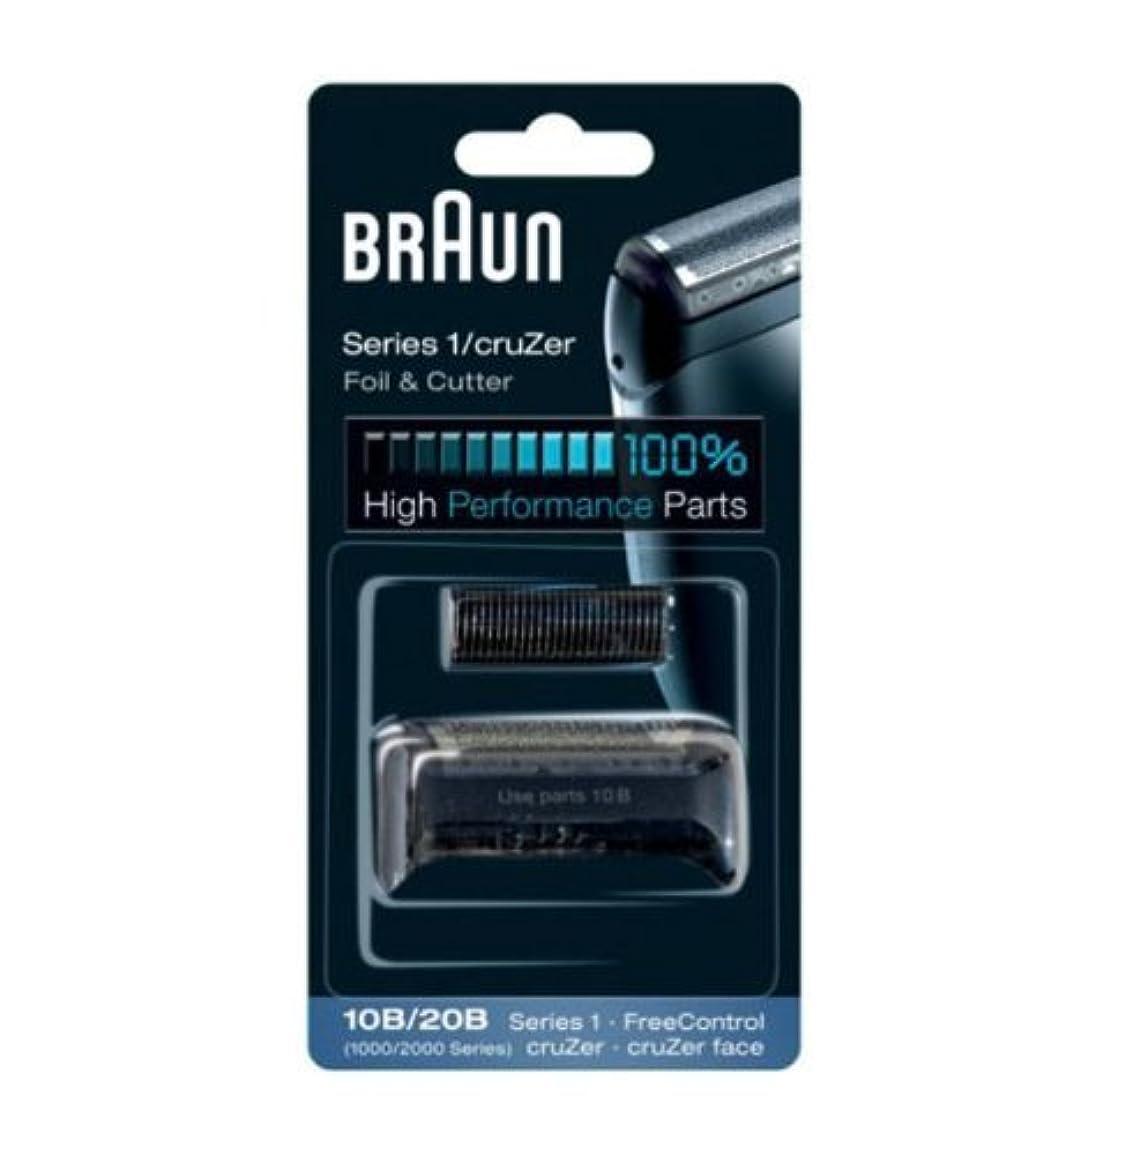 蚊レンズステレオBraun Replacement Foil & Cutter - 10B, Series 1,FreeControl - 1000 Series by Braun [並行輸入品]